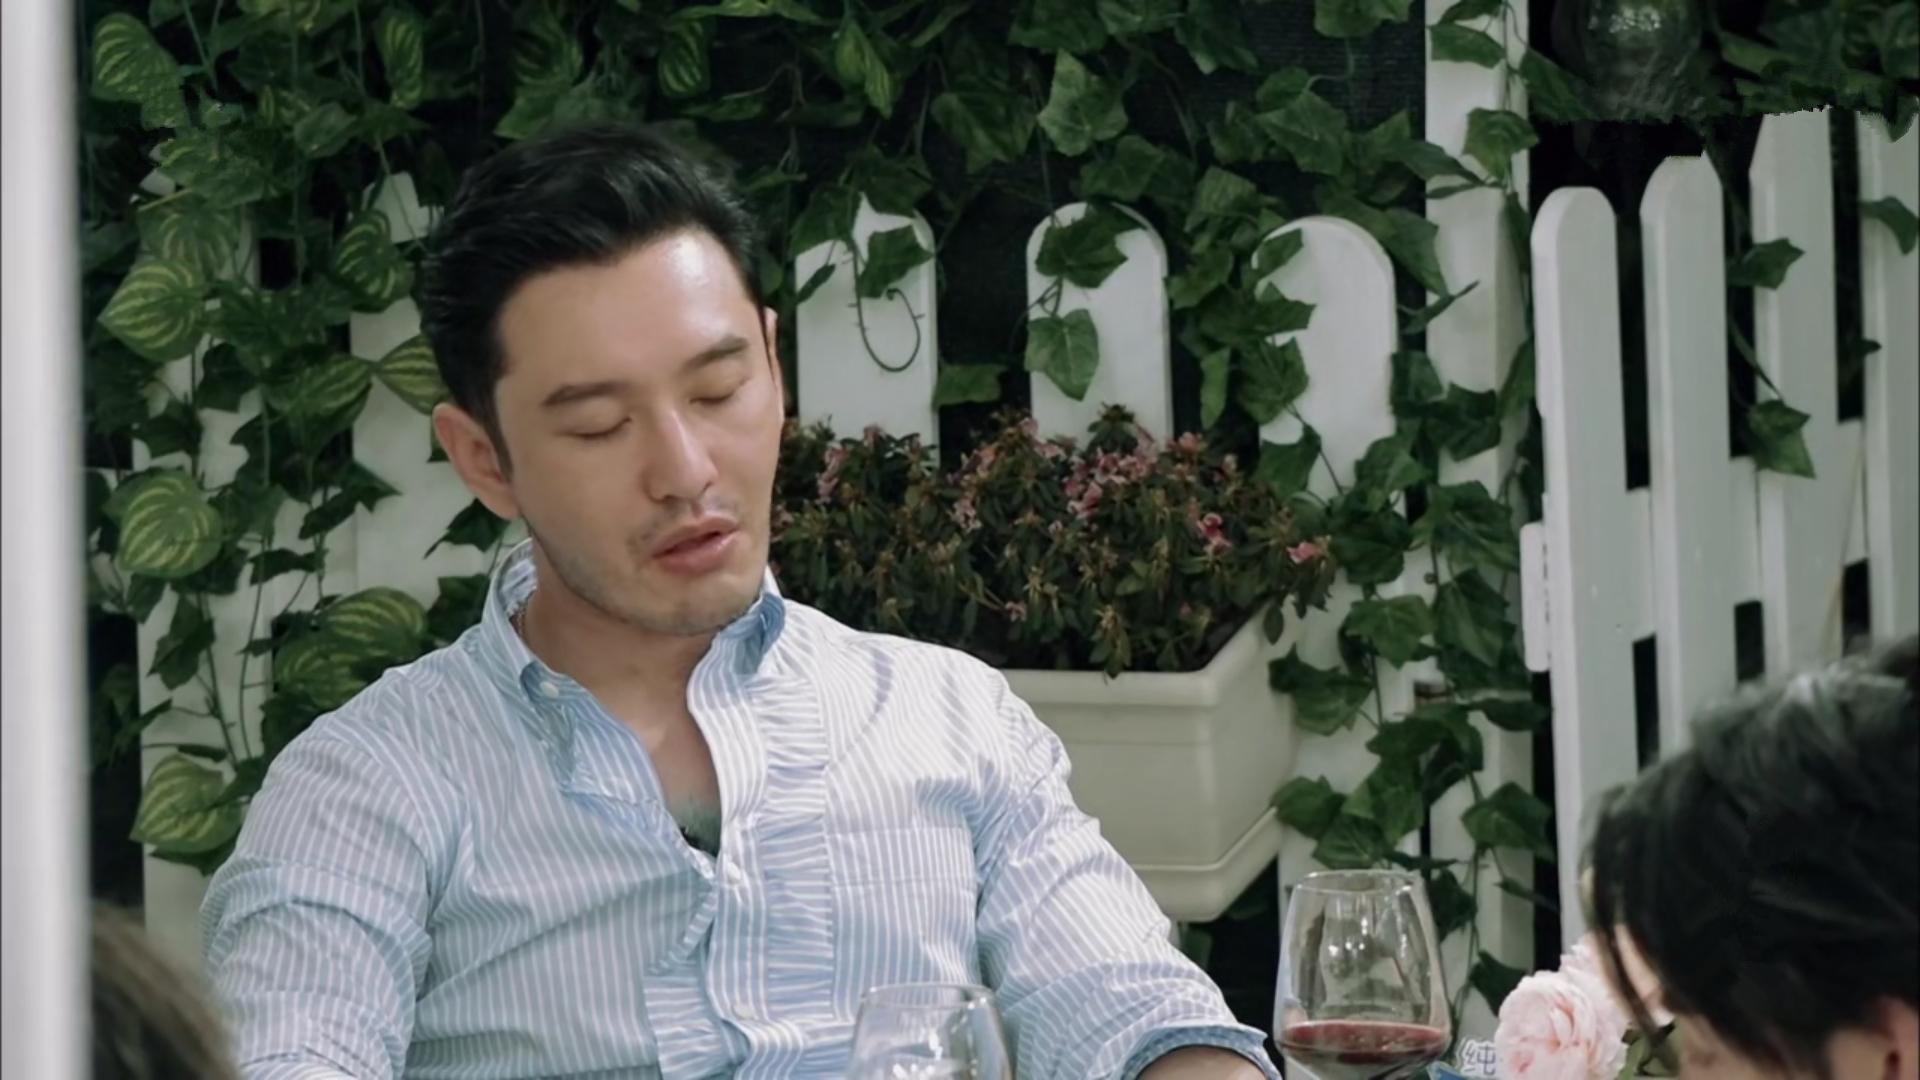 黄晓明获制作方认可,《中餐厅3》成绩是关键,导向却需要反思